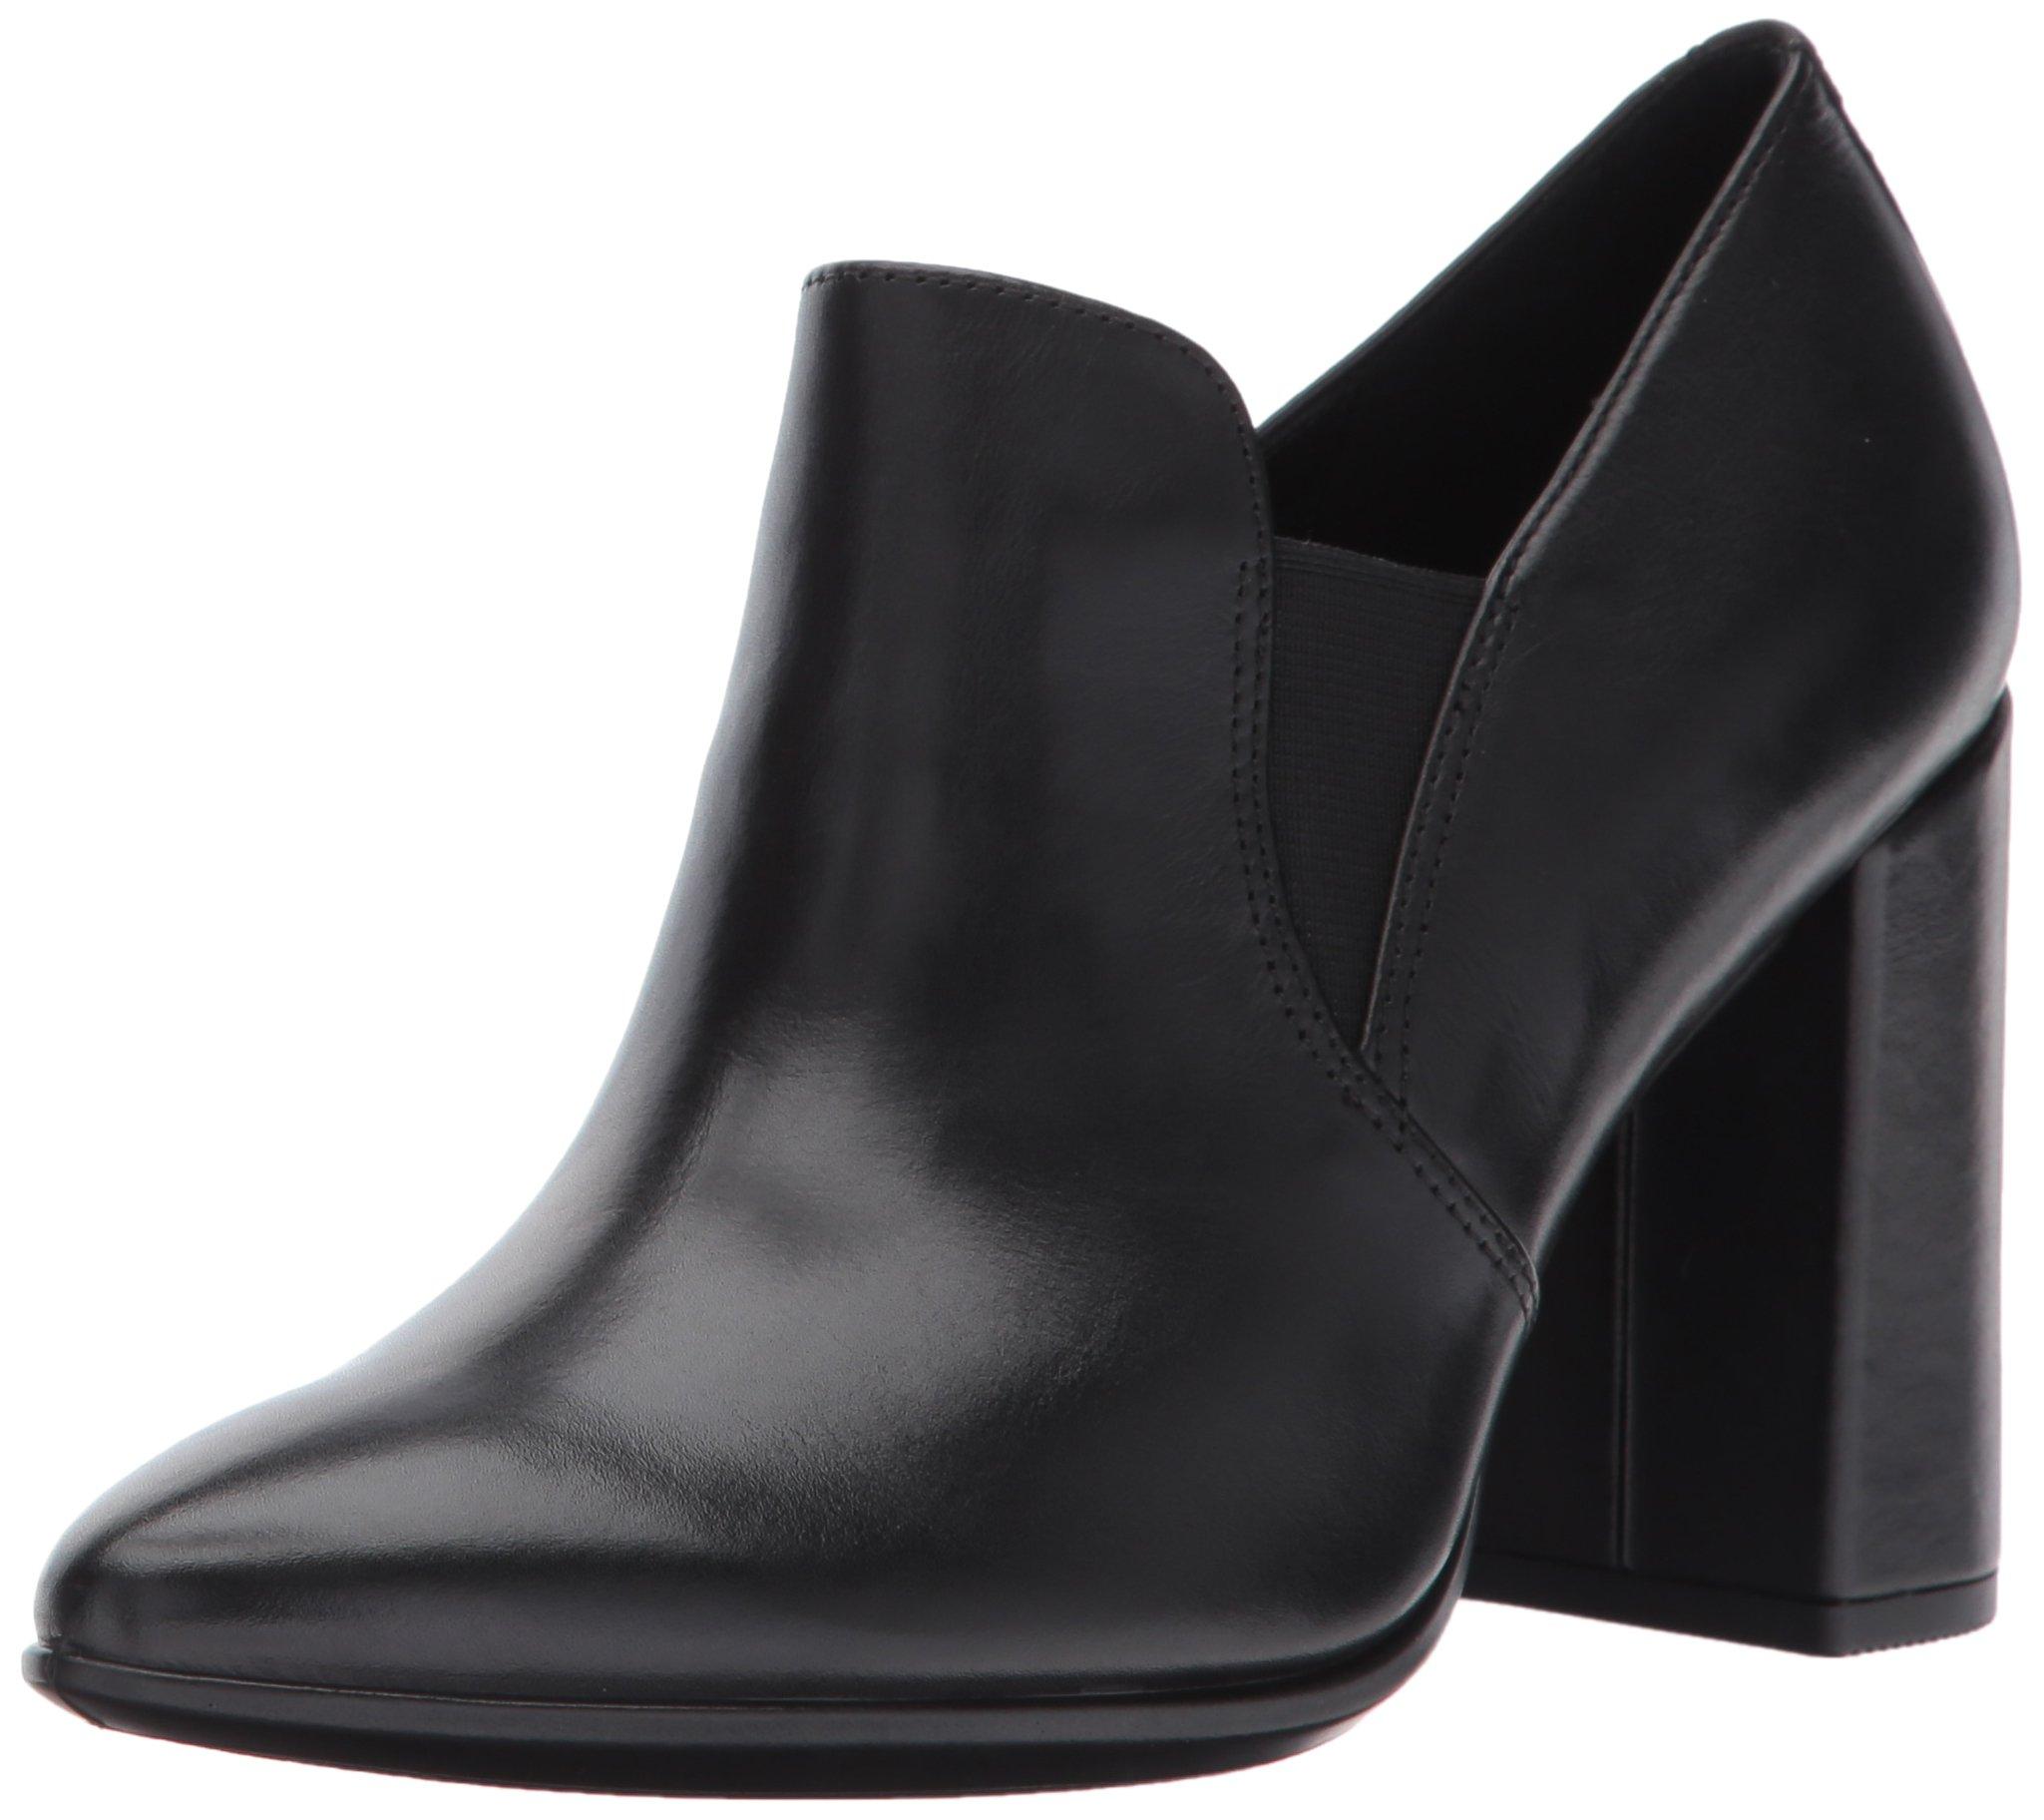 ECCO Women's Women's Shape 75 Pointy Block Slip on Dress Pump, Black, 36 EU / 5-5.5 US